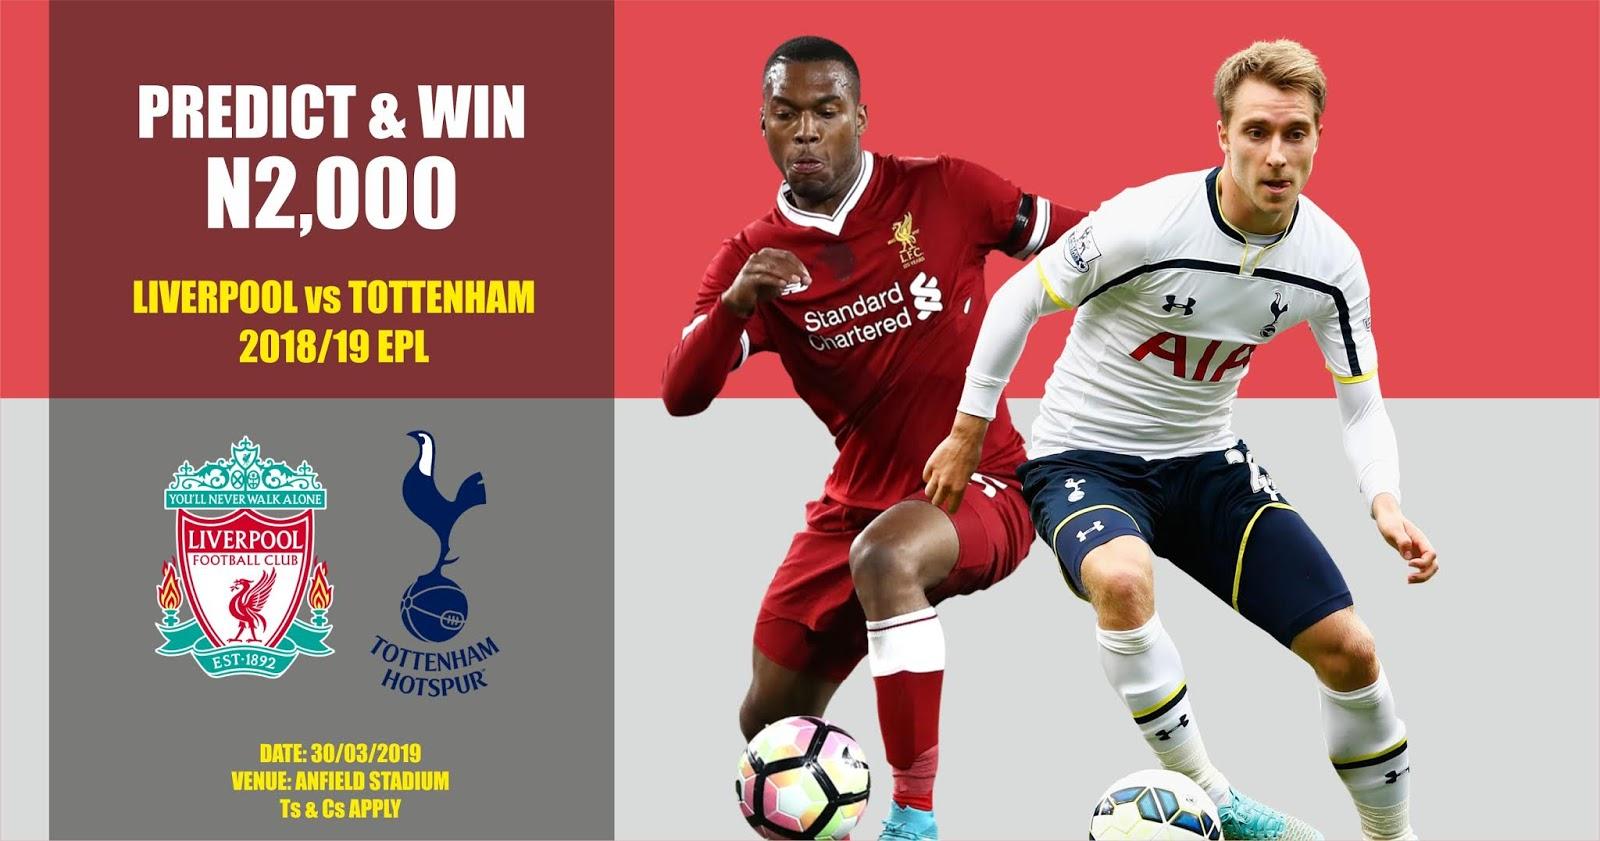 Liverpool versus Tottenham: Predict & Win N2,000